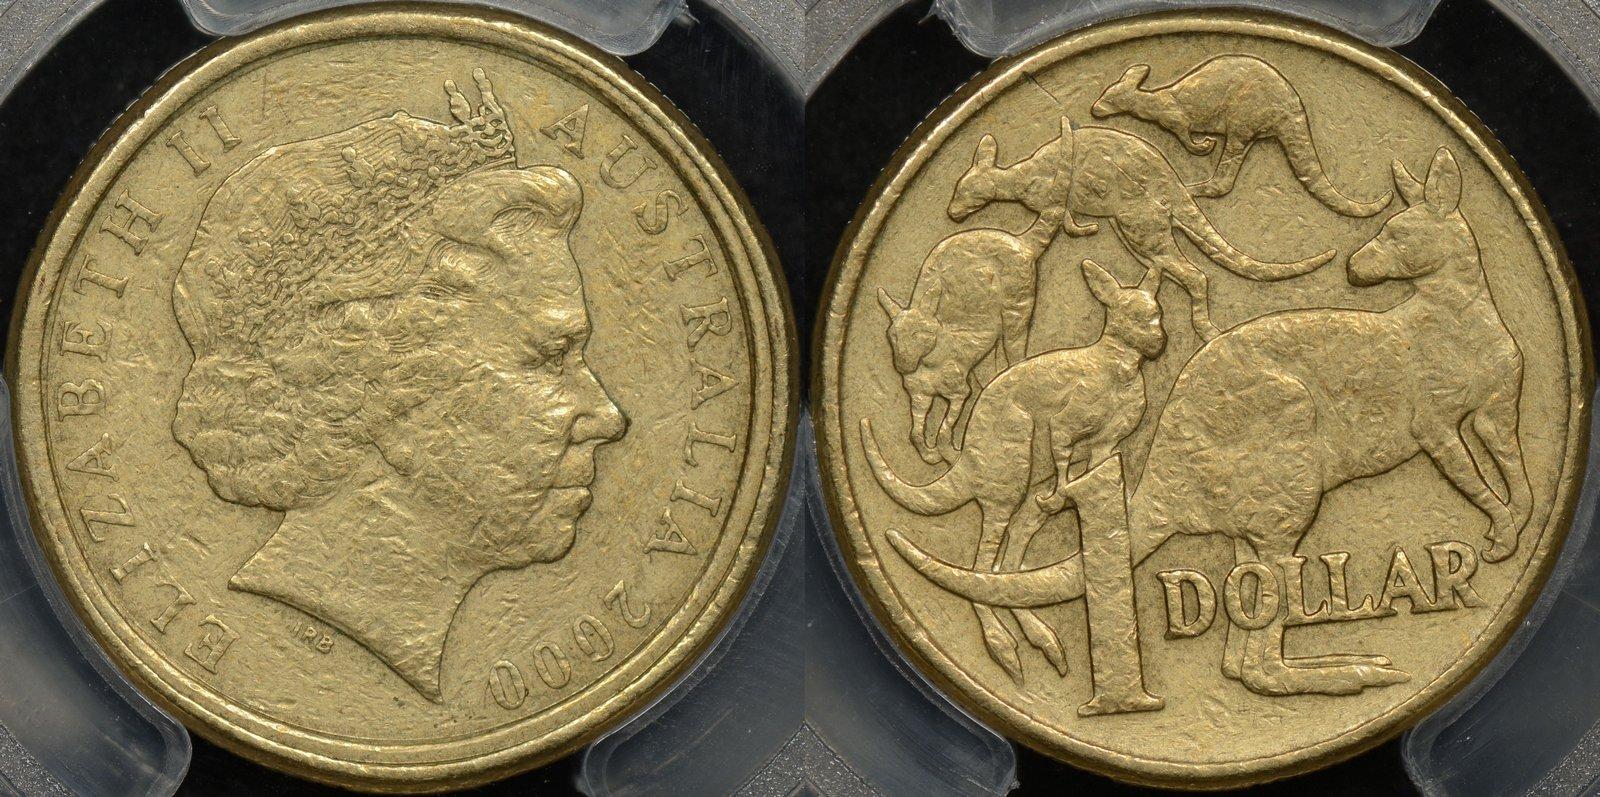 Australia 2000 $1/10c Mule Error Genuine XF Details PCGS